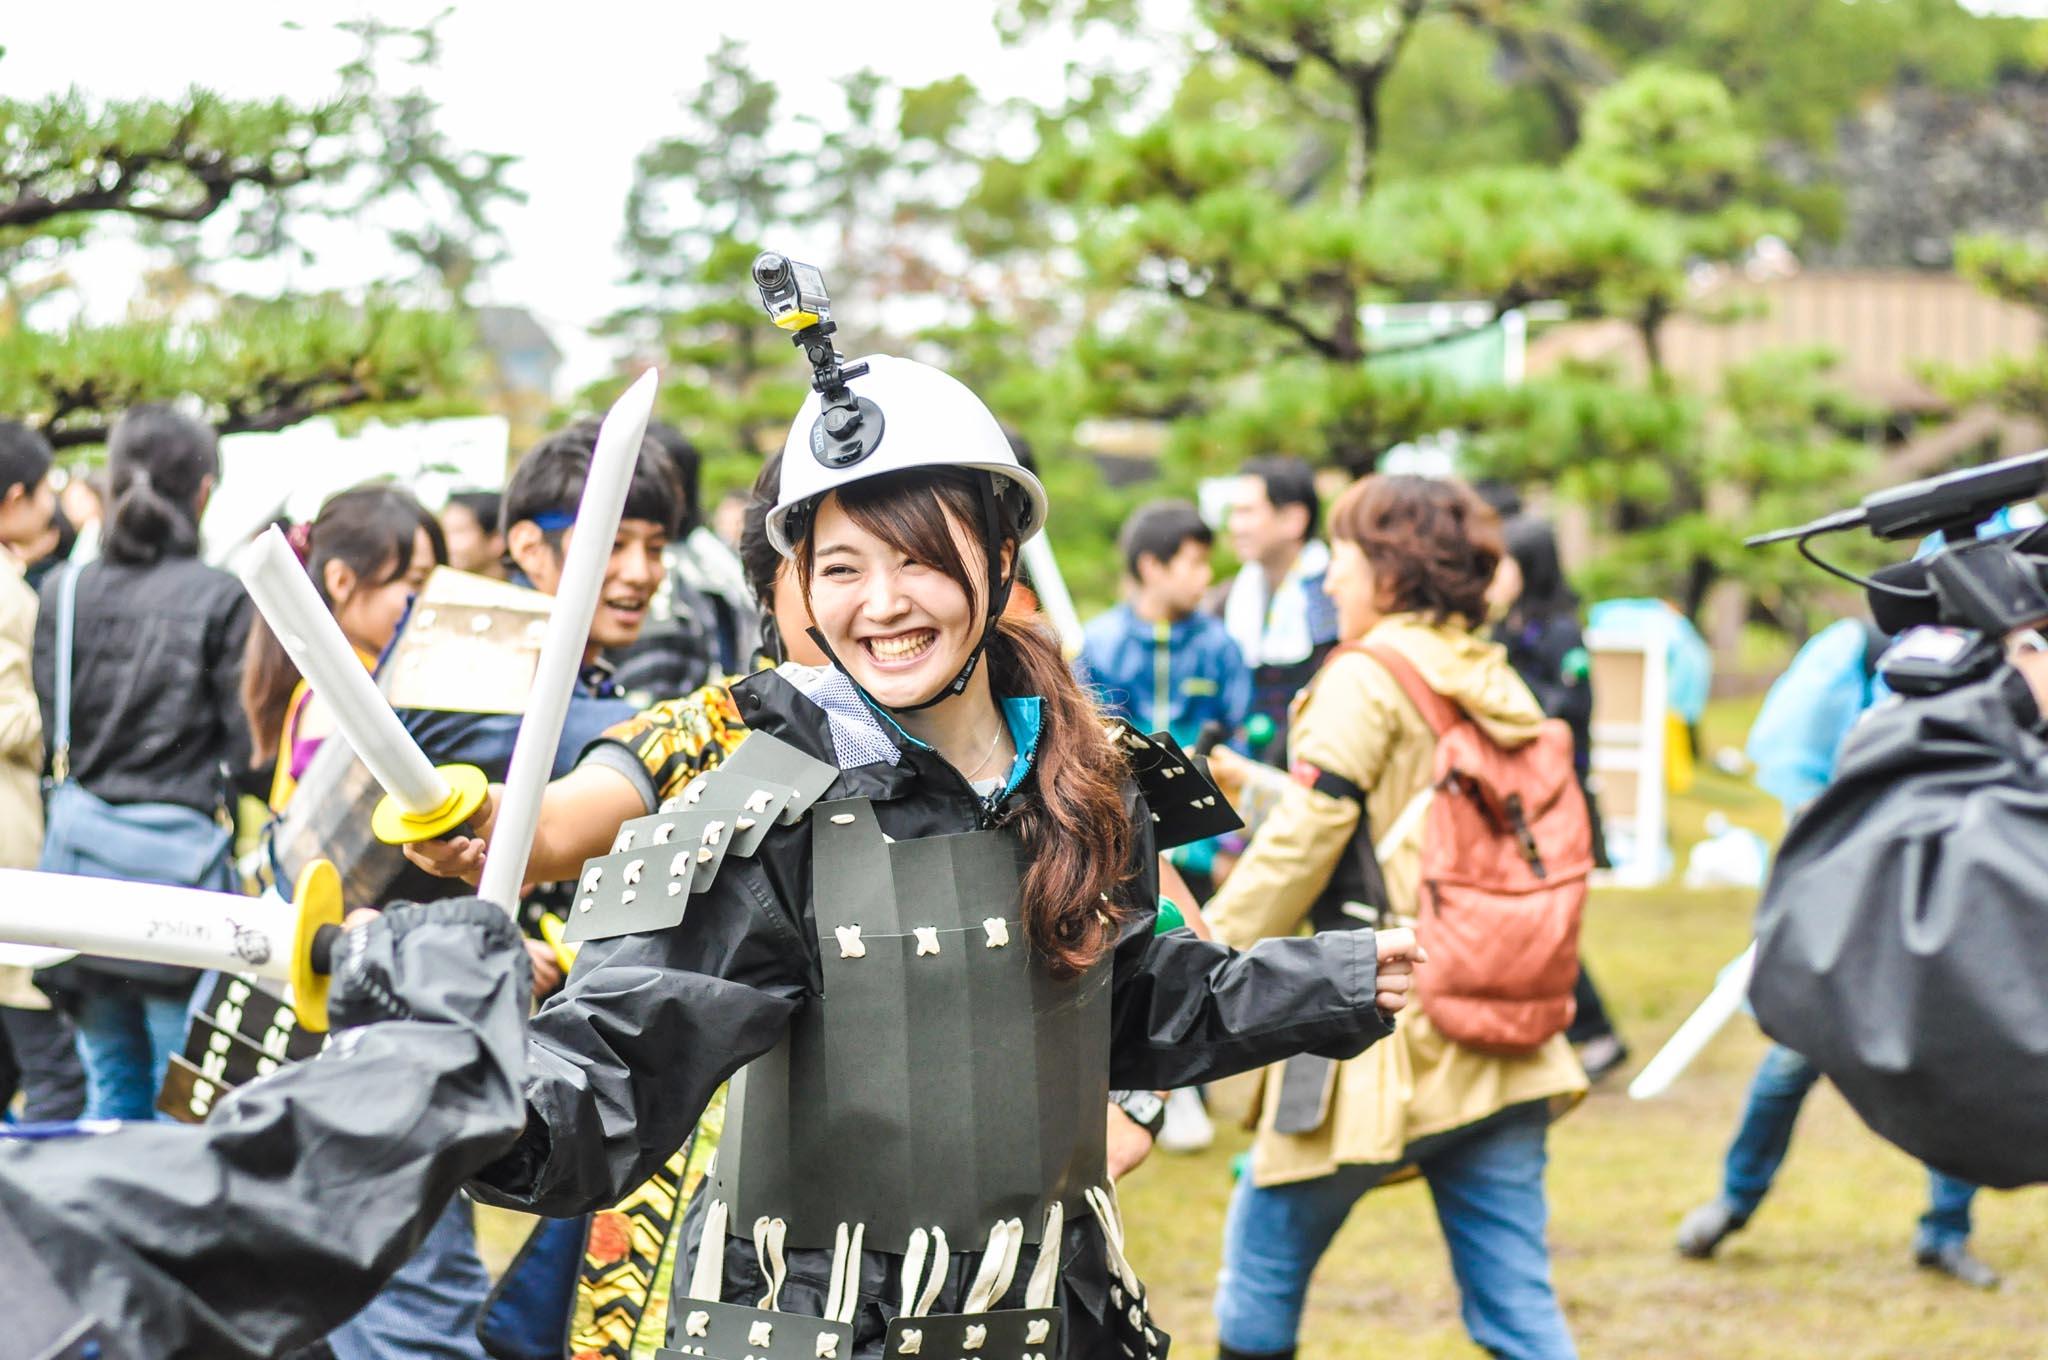 国宝松江城はこう攻めろ!どこよりも詳しい!「鷹の爪団のSHIROZEME」体験レポート!<動画あり>